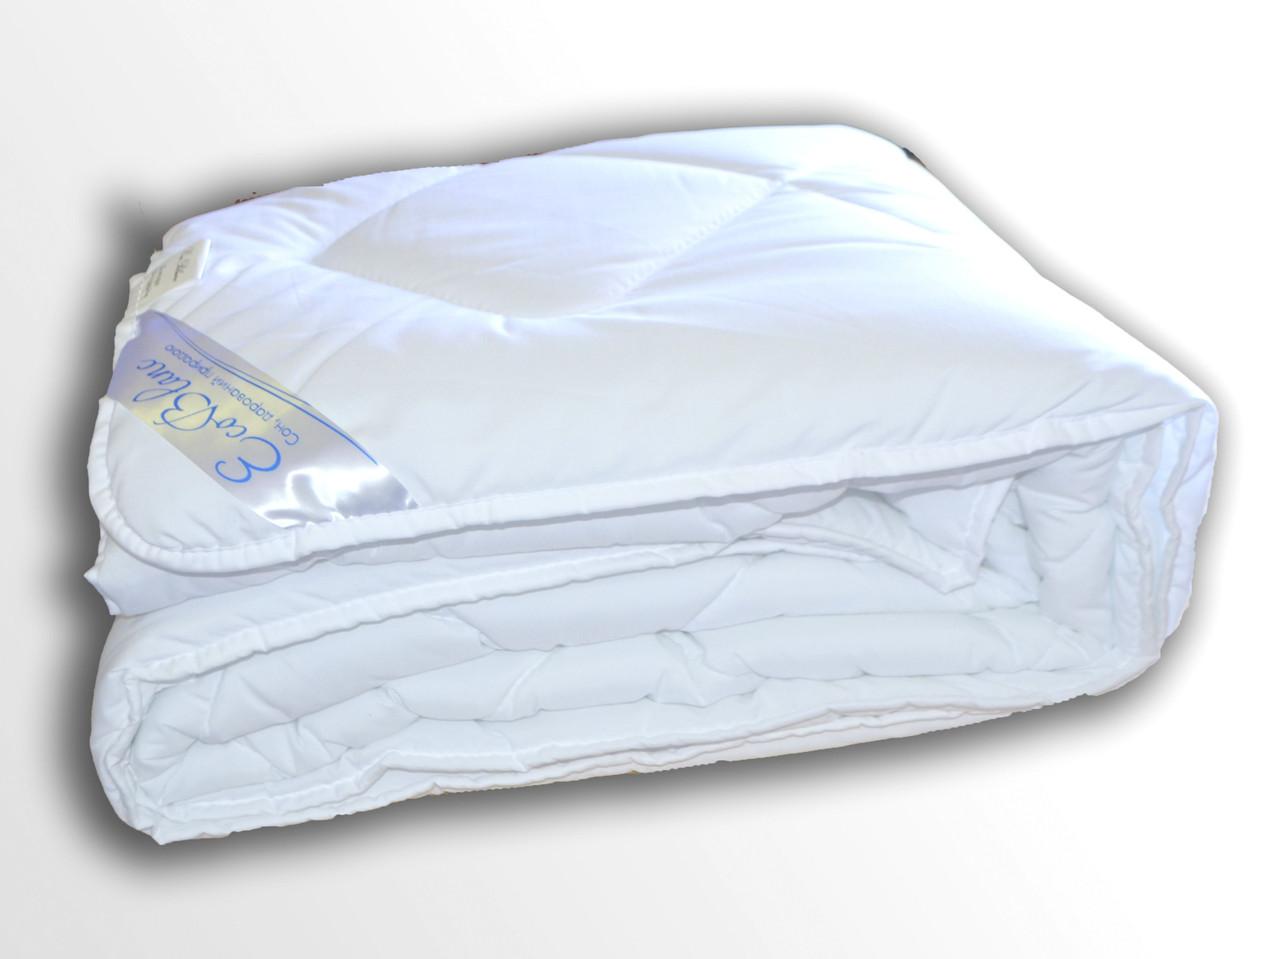 Одеяло Restline EcoBlanc Wool 210x180